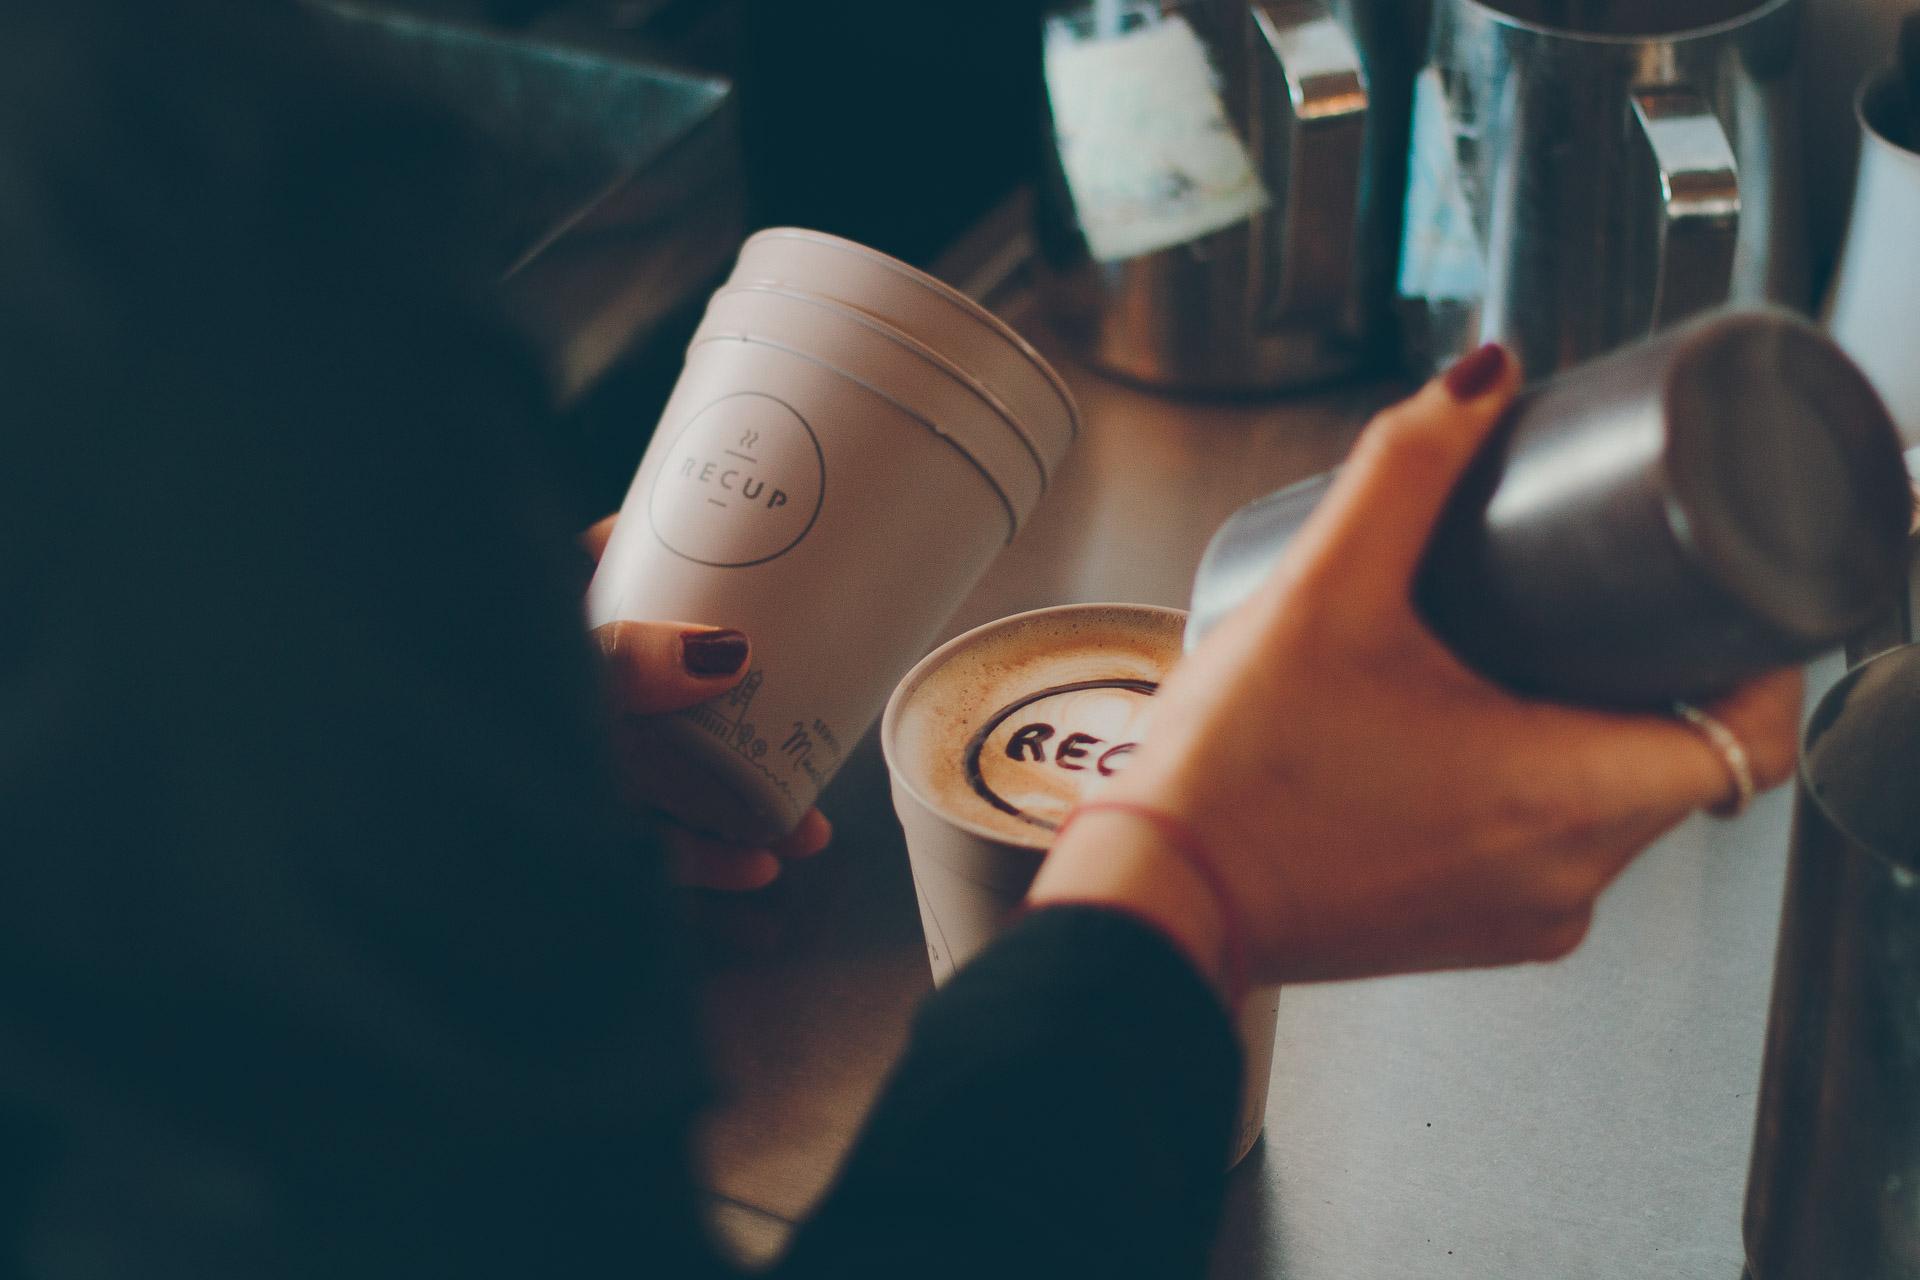 Eine Barista schreibt mit Schokoschrift Recup auf einen Kaffee